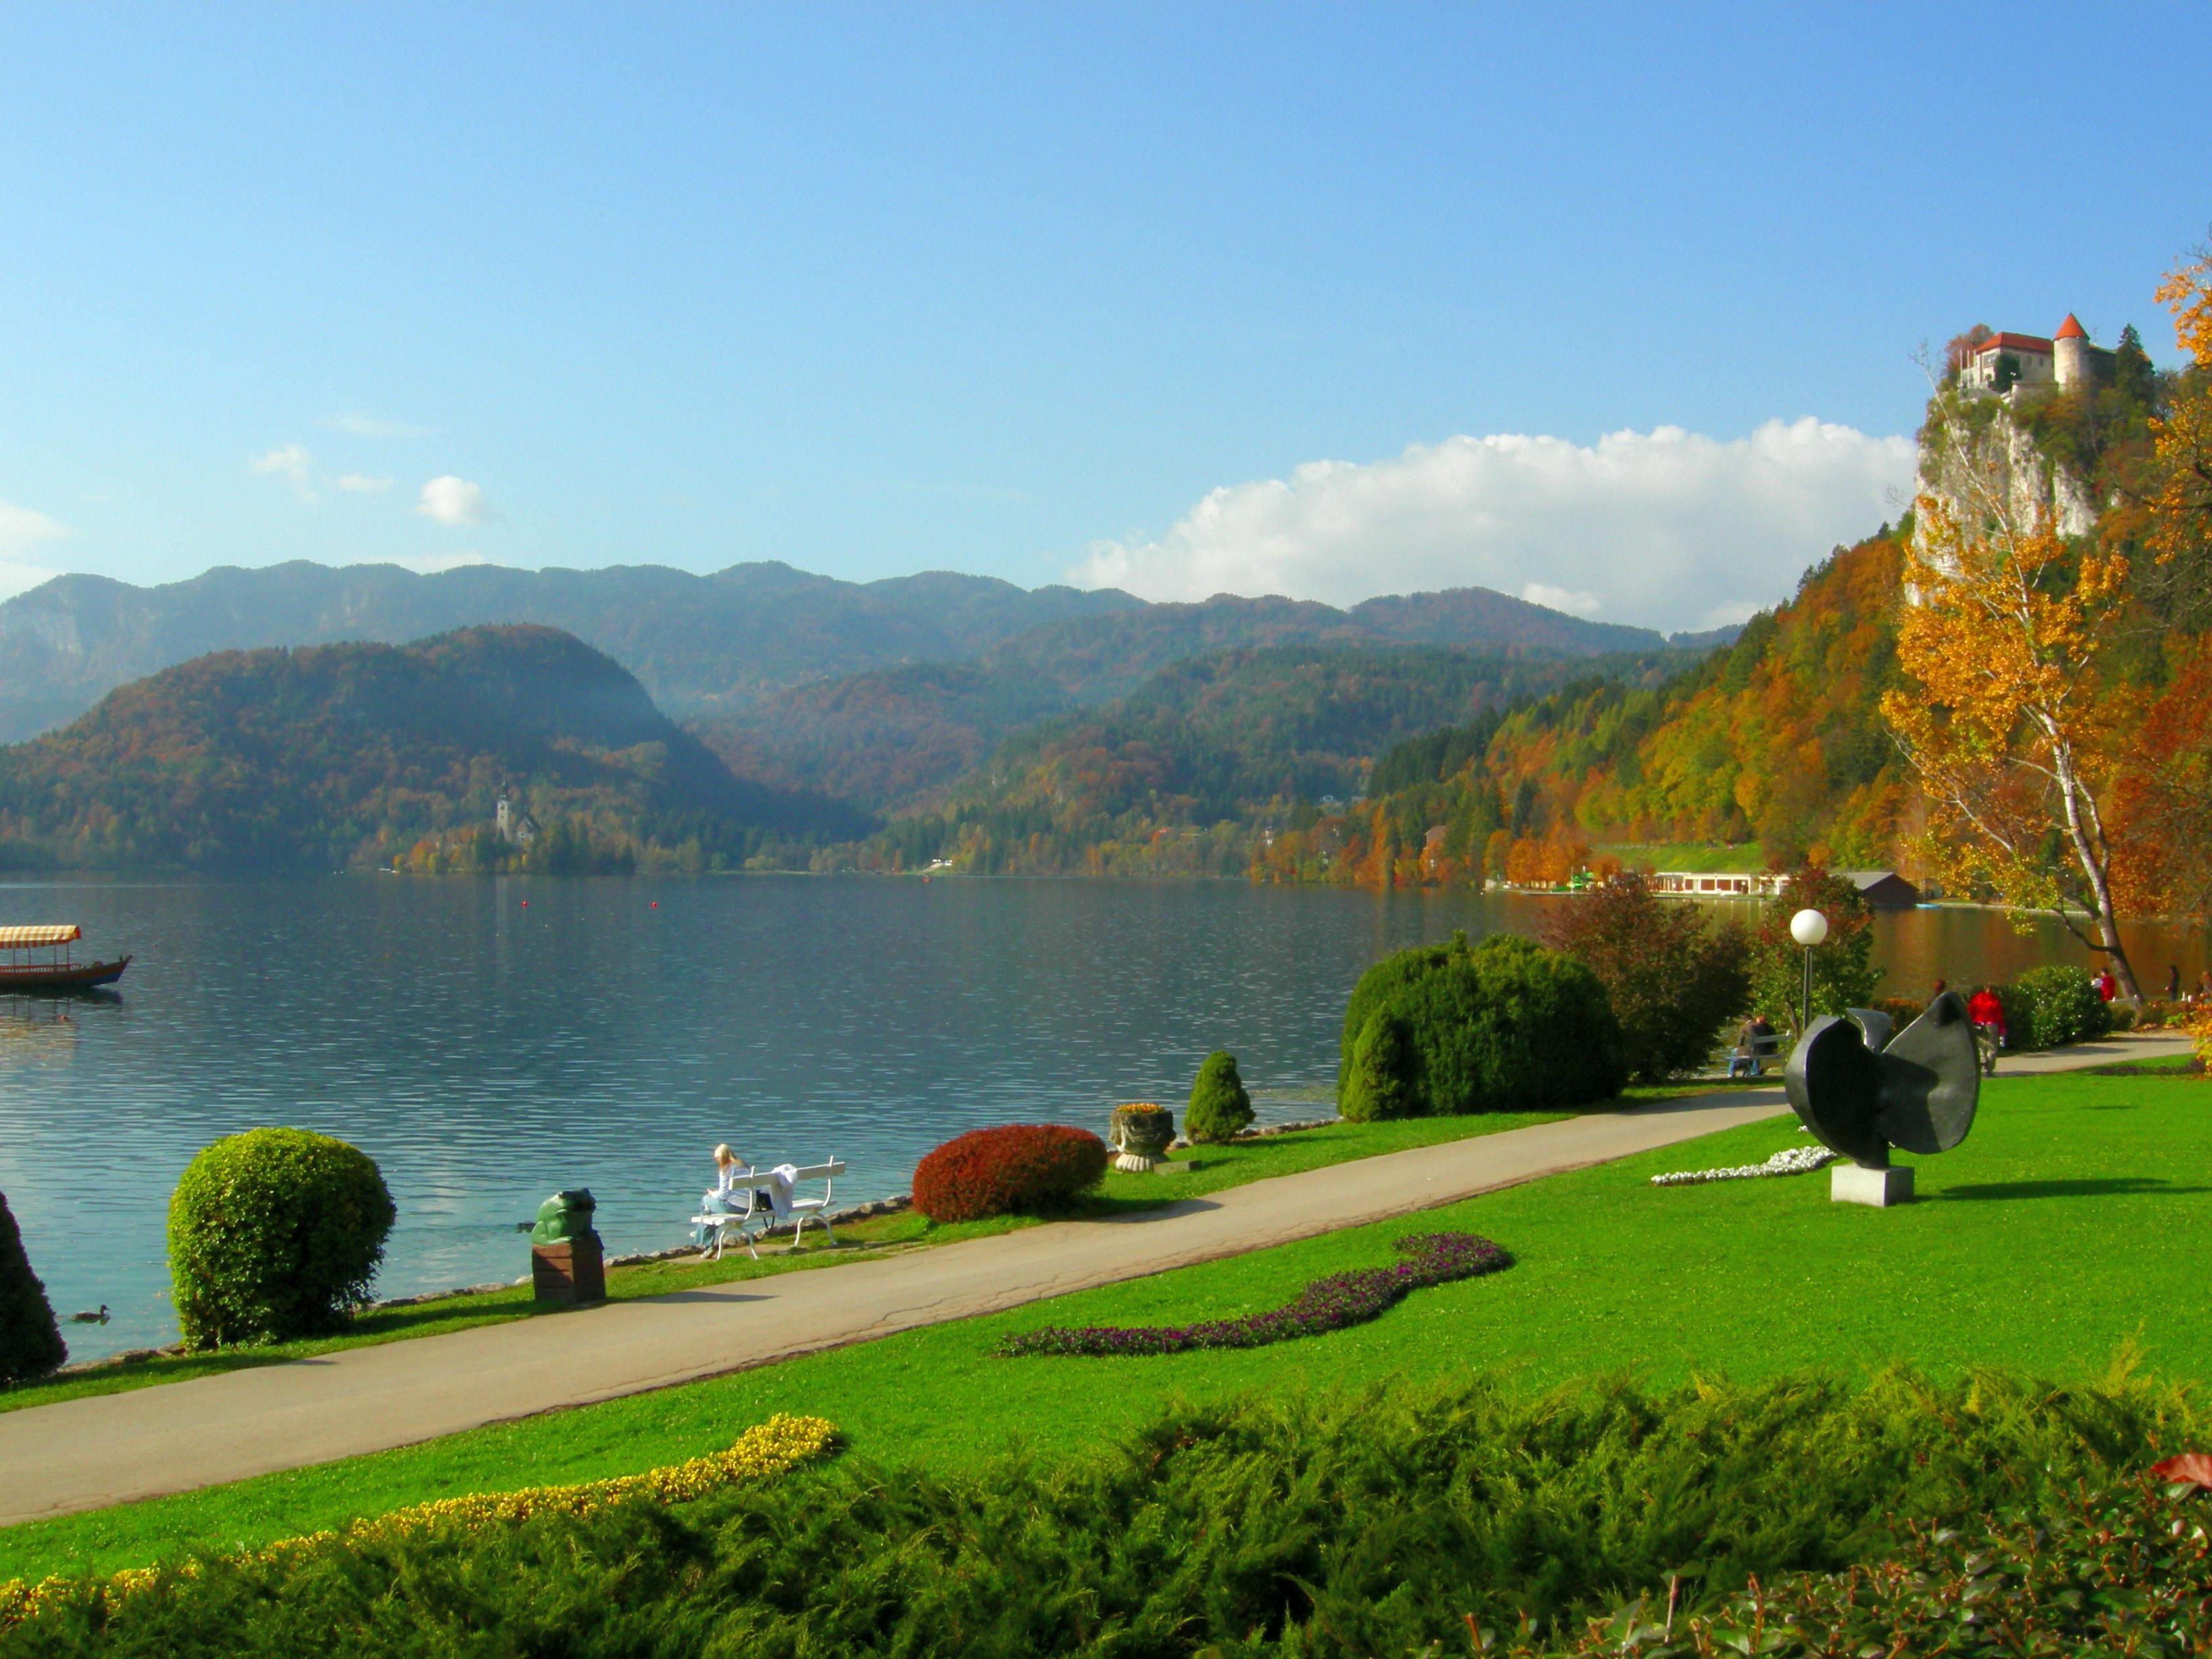 Bled es una población situada a orillas del lago Bled y ubicada en los Alpes Julianos en la zona noroccidental de Eslovenia. Se encuentra a pocos kilómetros al sur de la frontera con Austria y a unos 50 kilómetros al noroeste de la capital del país, Liubliana. Bled tiene 11.300 habitantes, según el censo de 2002, 5.164 en el pueblo mismo.